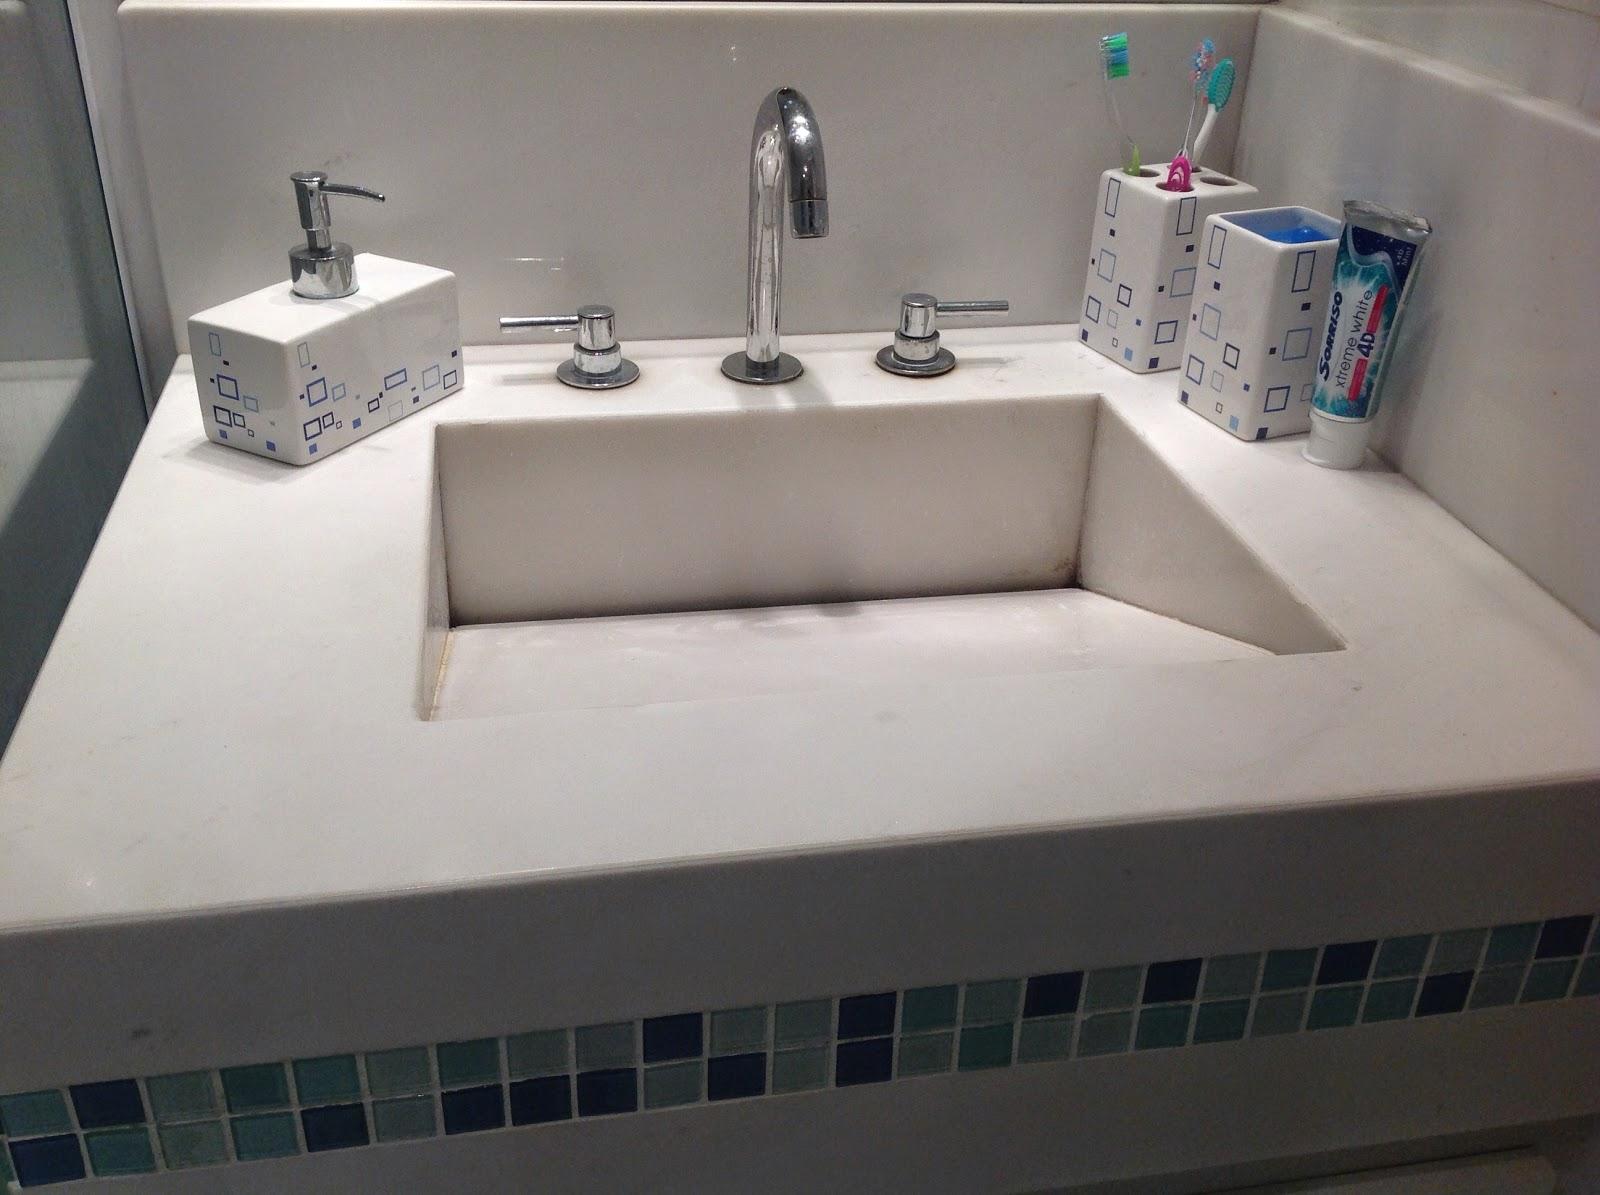 #414E60 armário é mais funcional .esse gavetão debaixo guardo as  1600x1195 px pia de banheiro bloco cad